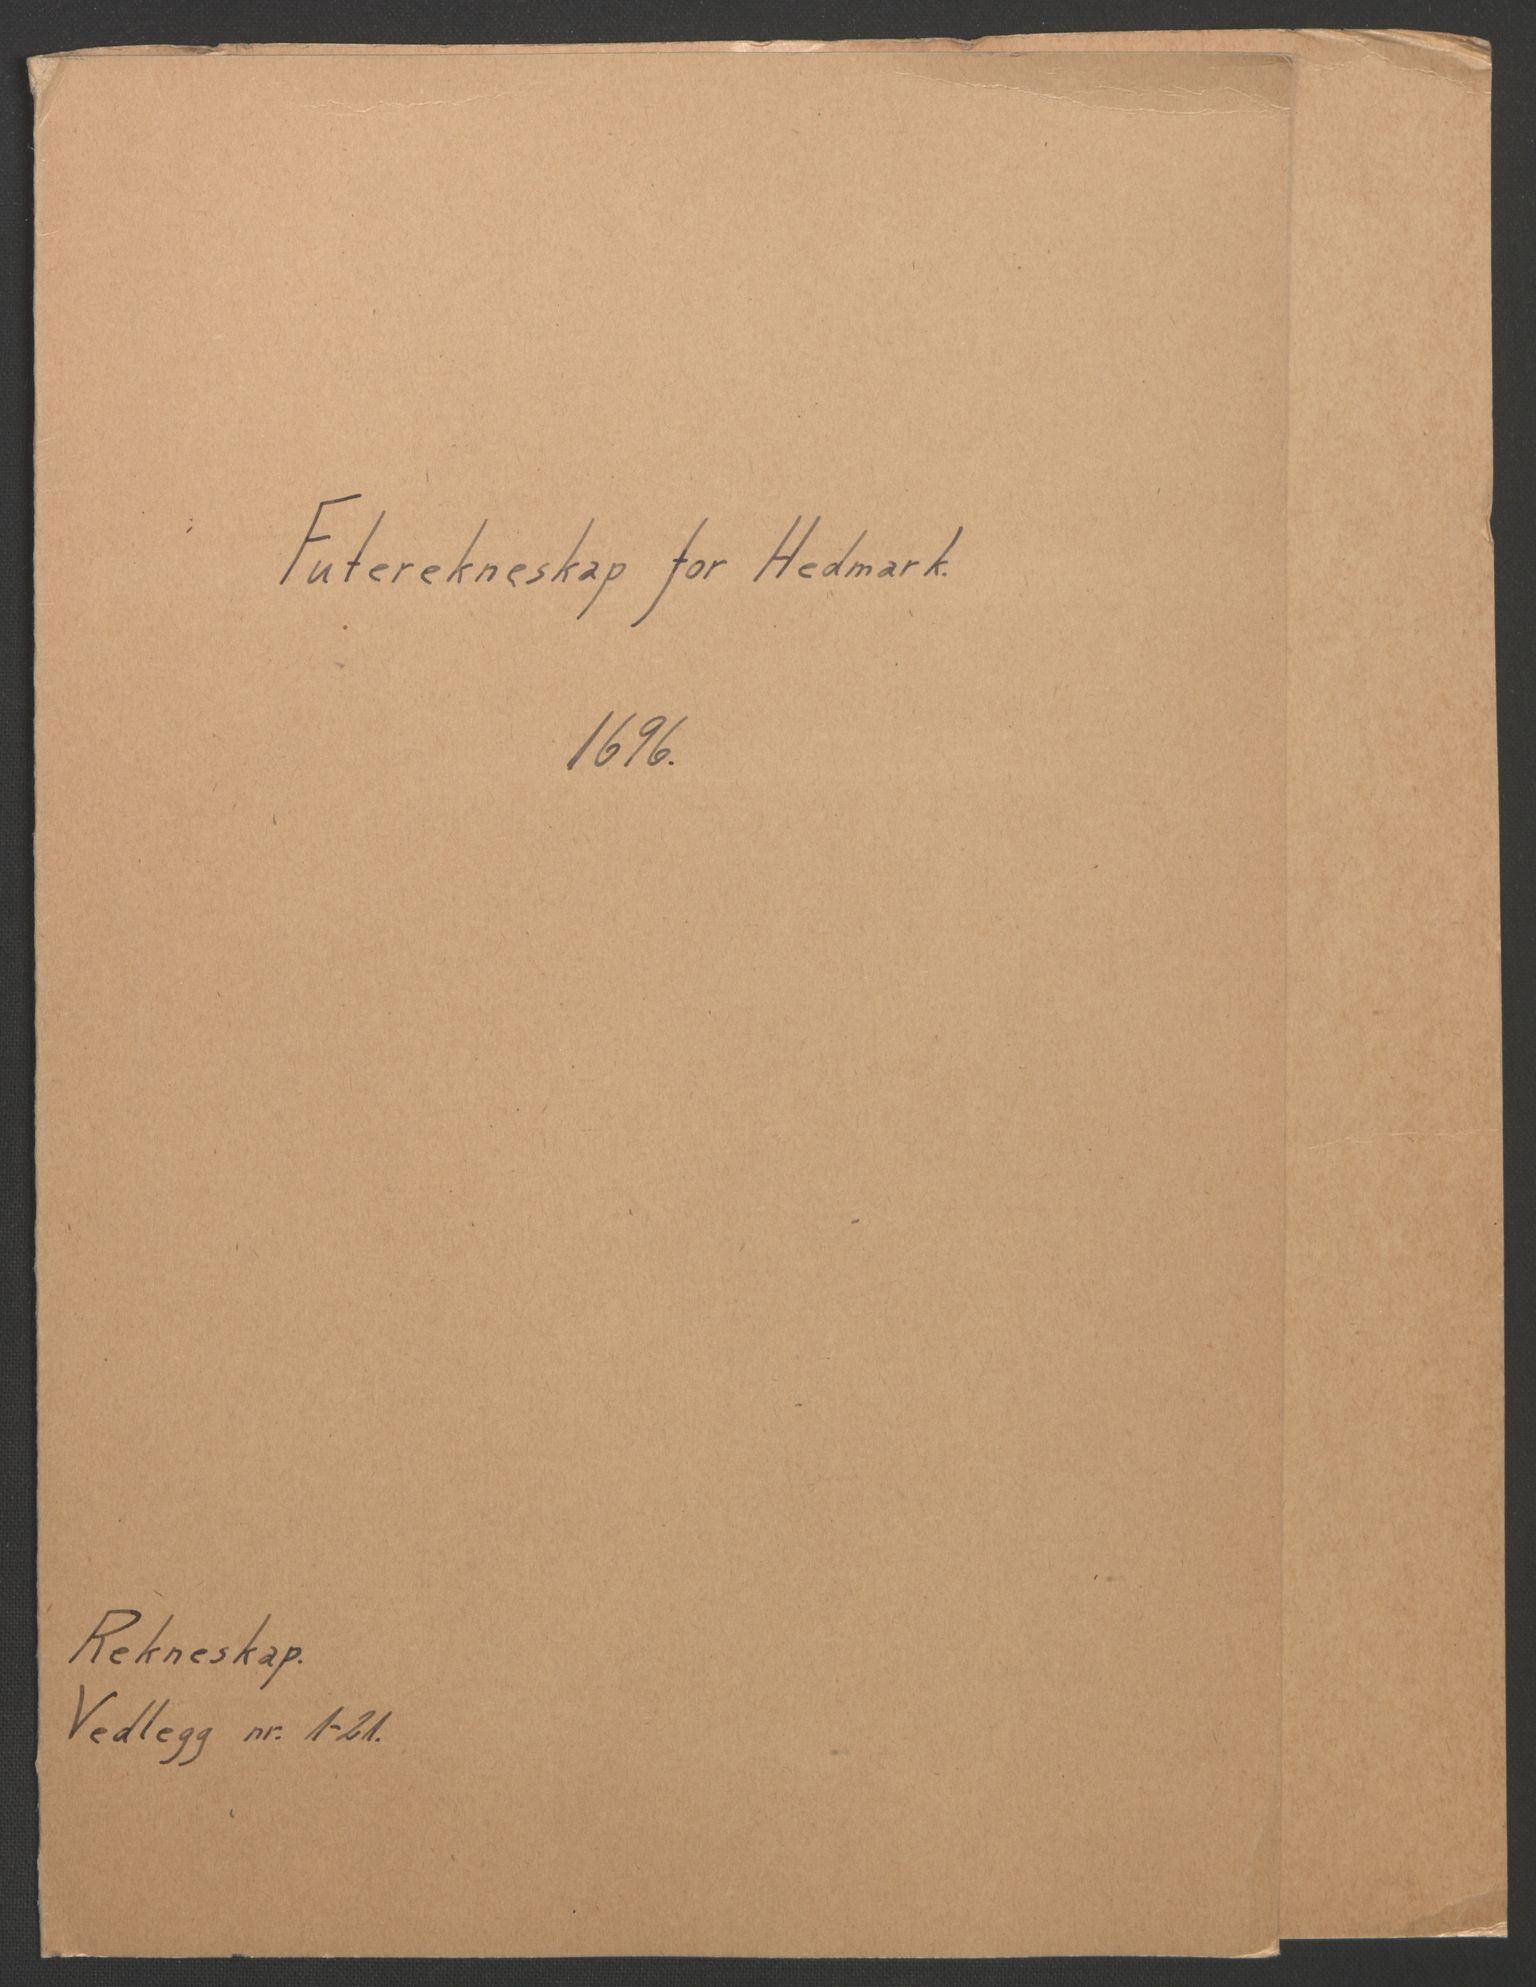 RA, Rentekammeret inntil 1814, Reviderte regnskaper, Fogderegnskap, R16/L1036: Fogderegnskap Hedmark, 1695-1696, s. 257